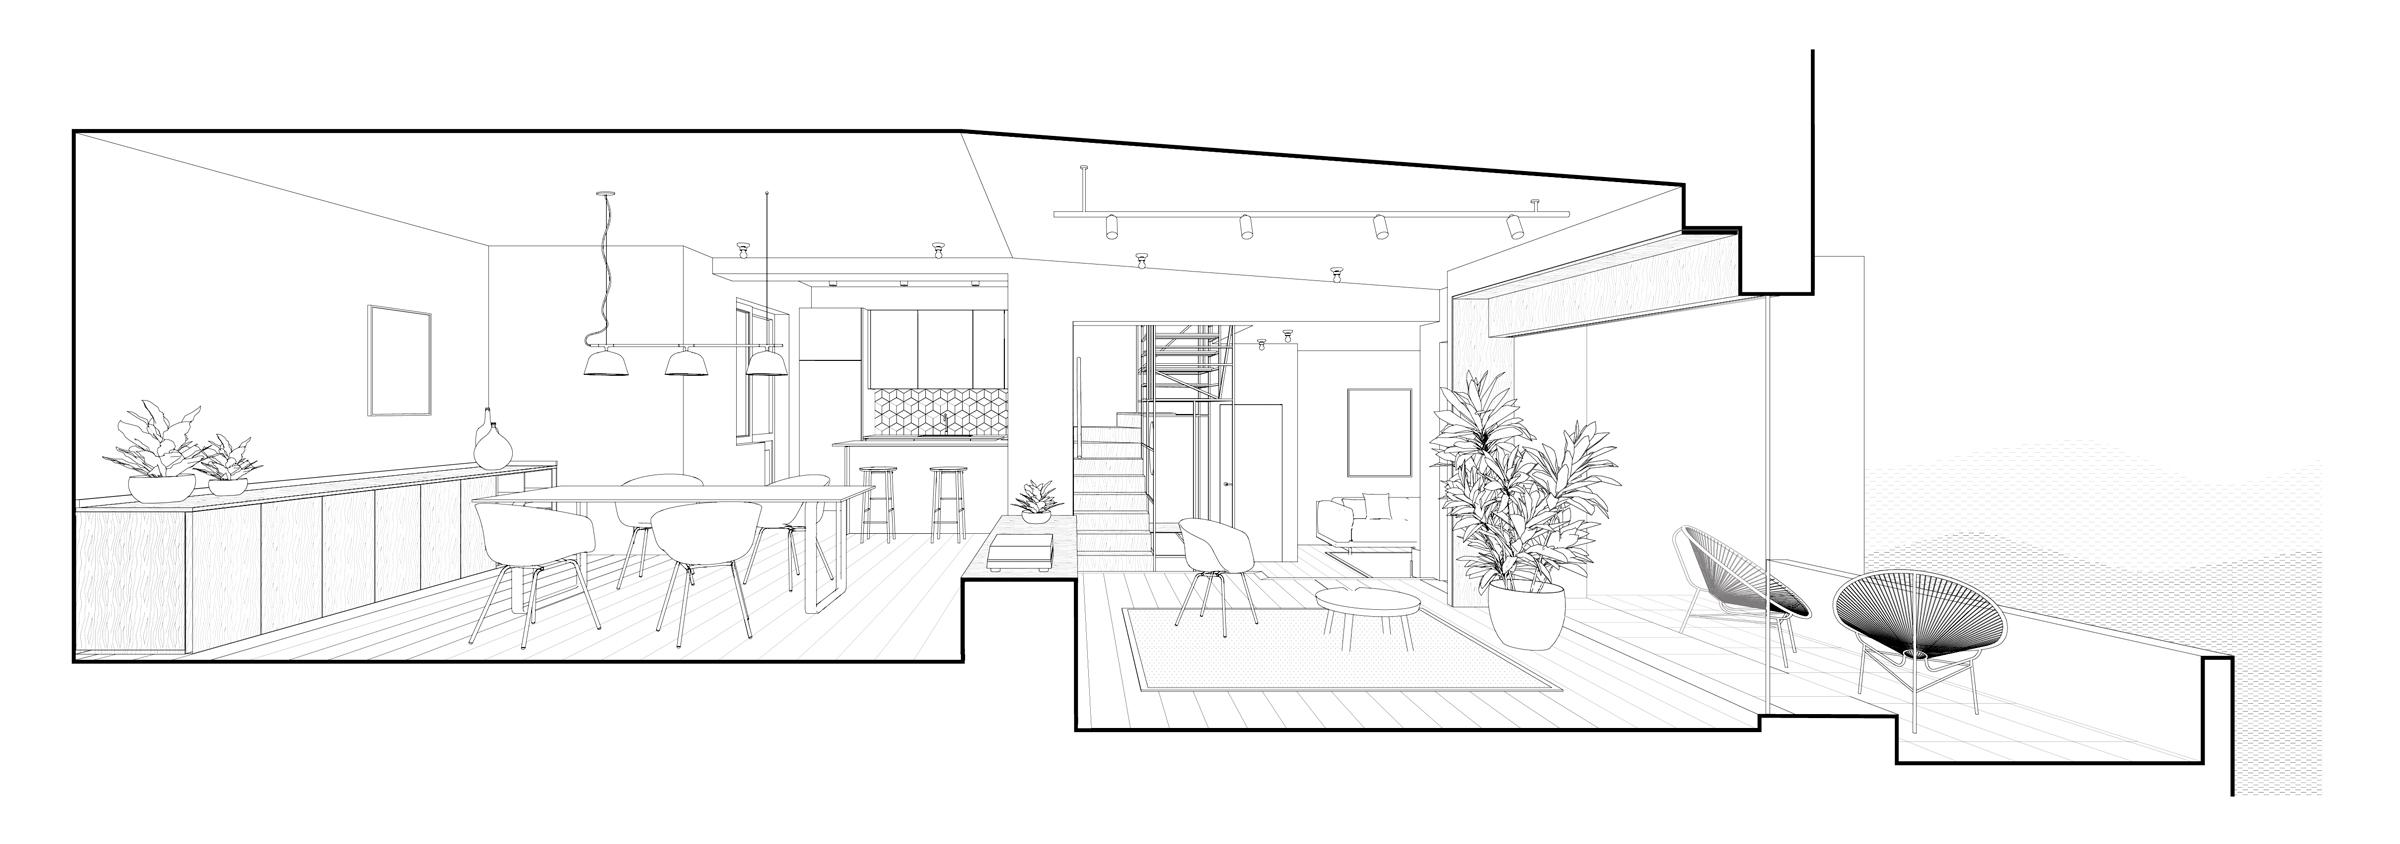 Casa LG, Casa per una giovane coppia, Prato, Deferrari Modesti, Interior Design